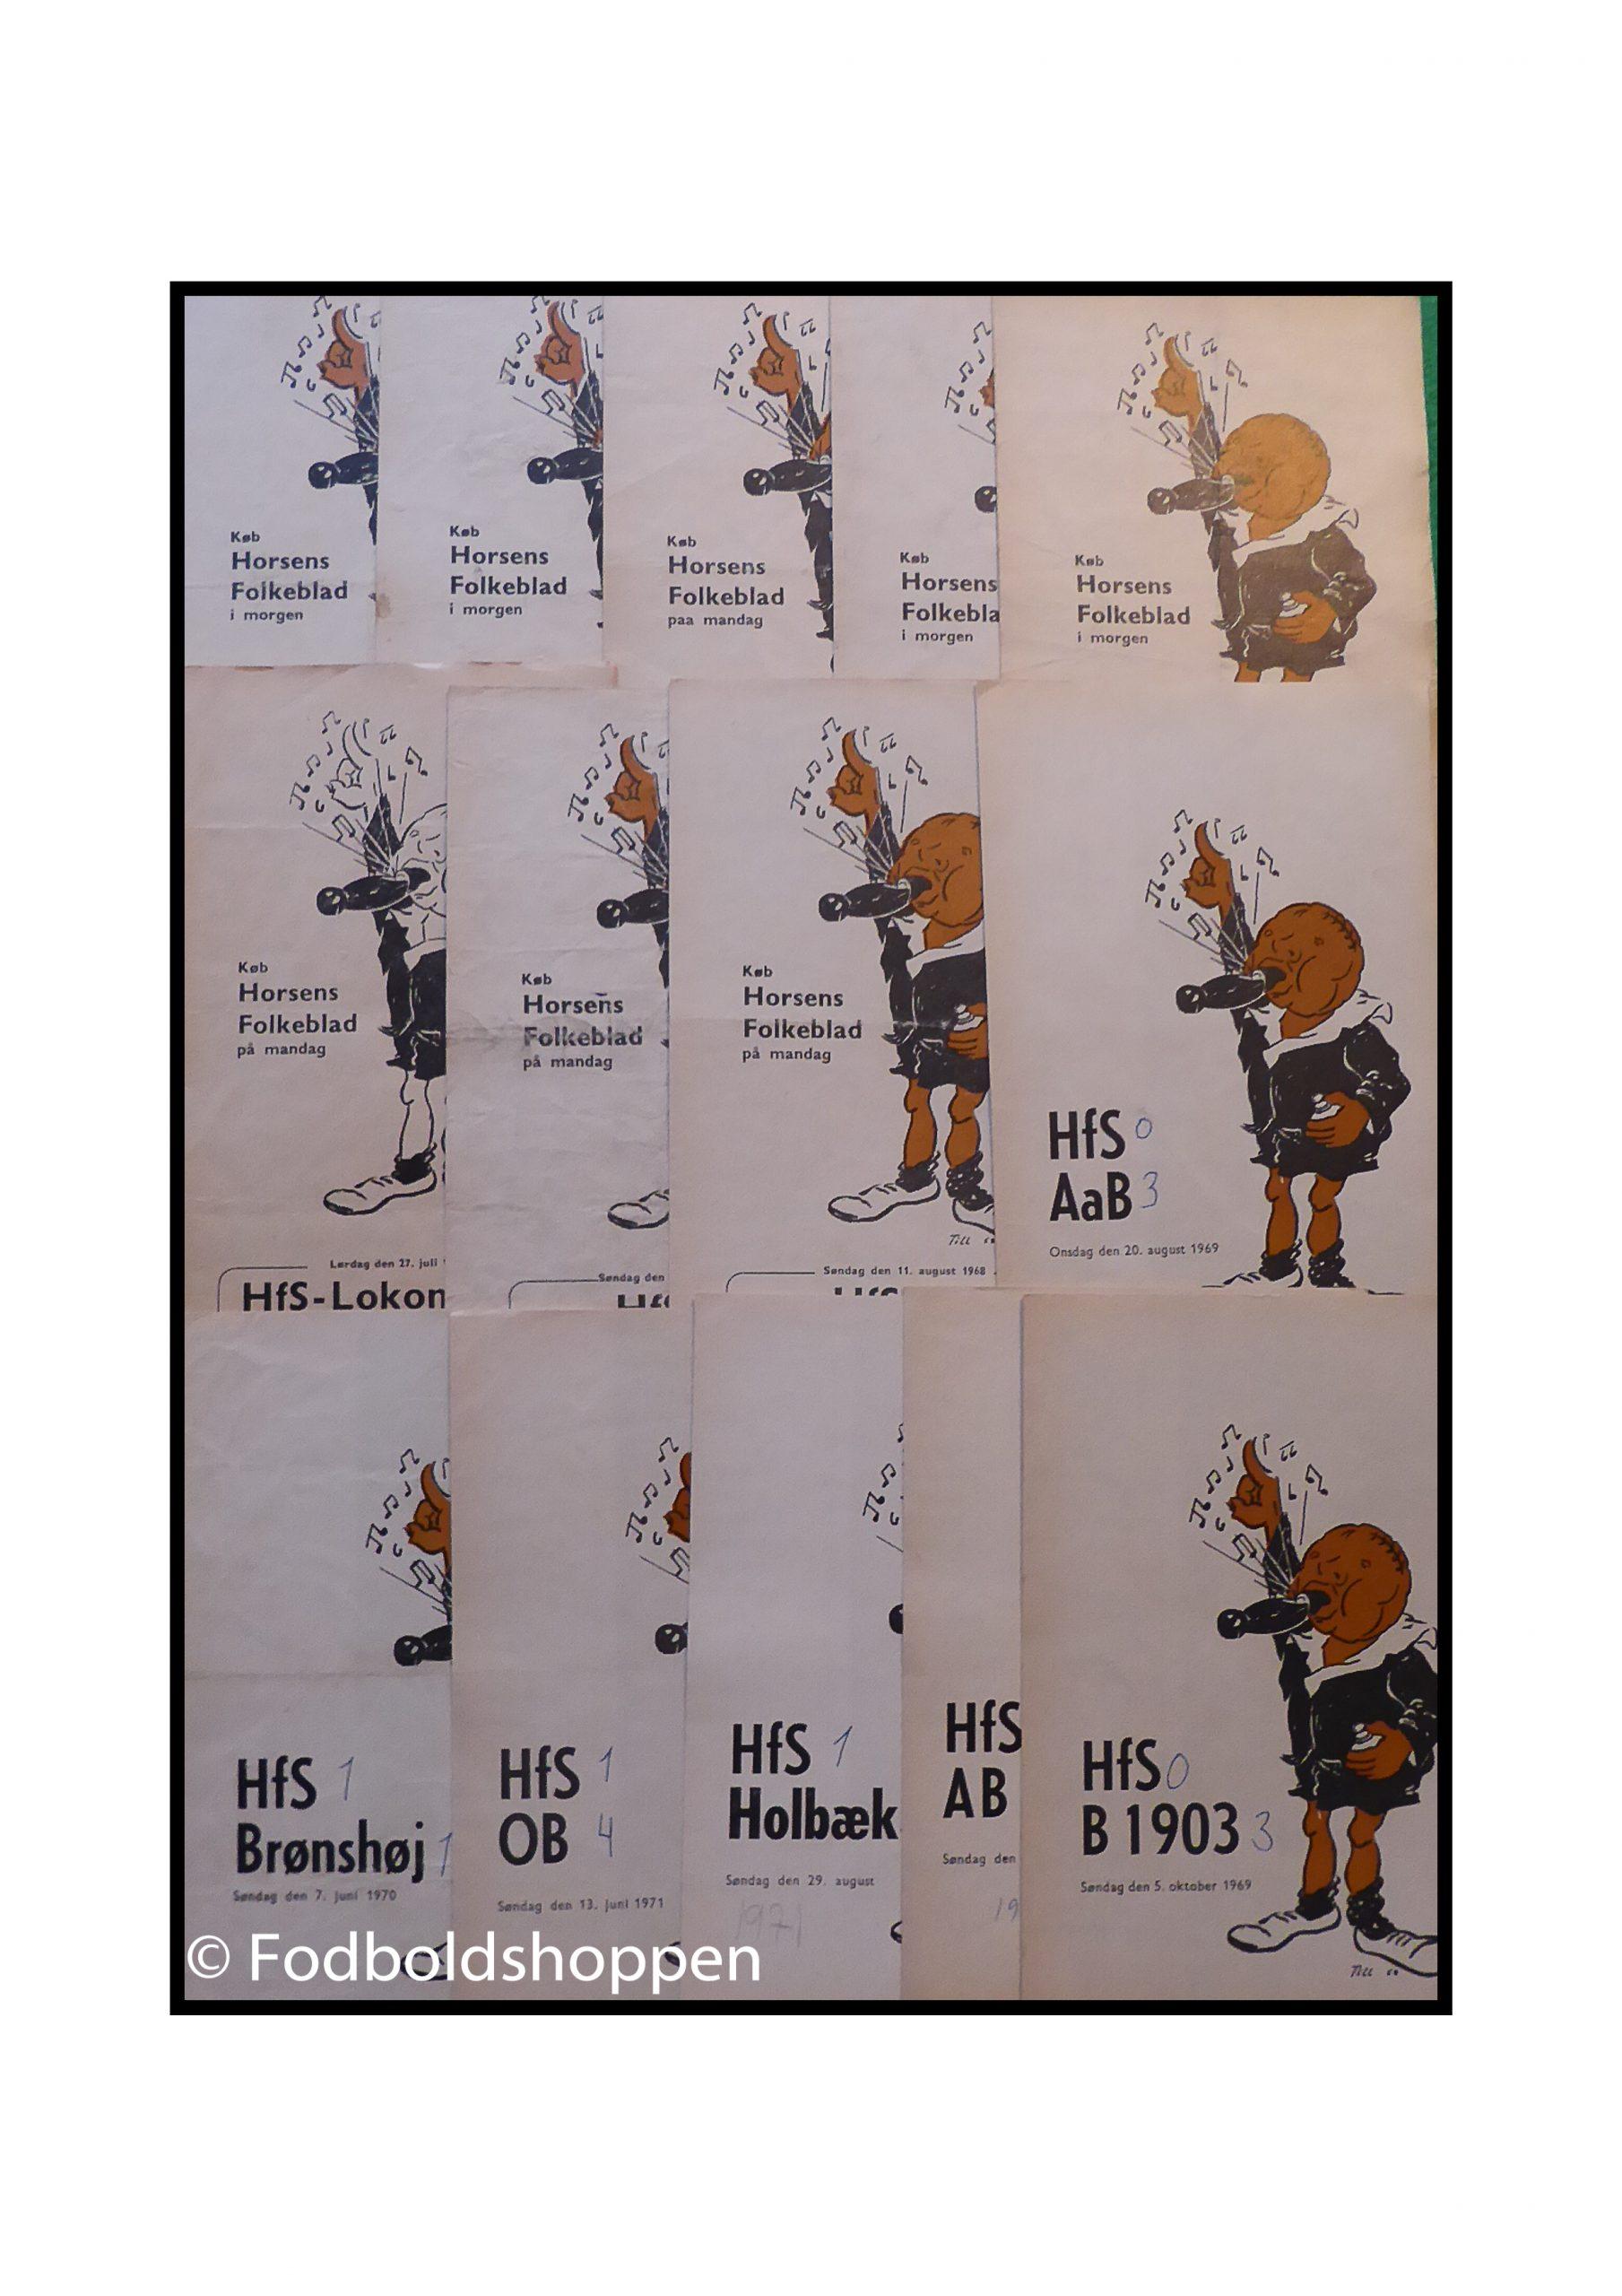 Gamle HFS kampprogrammer